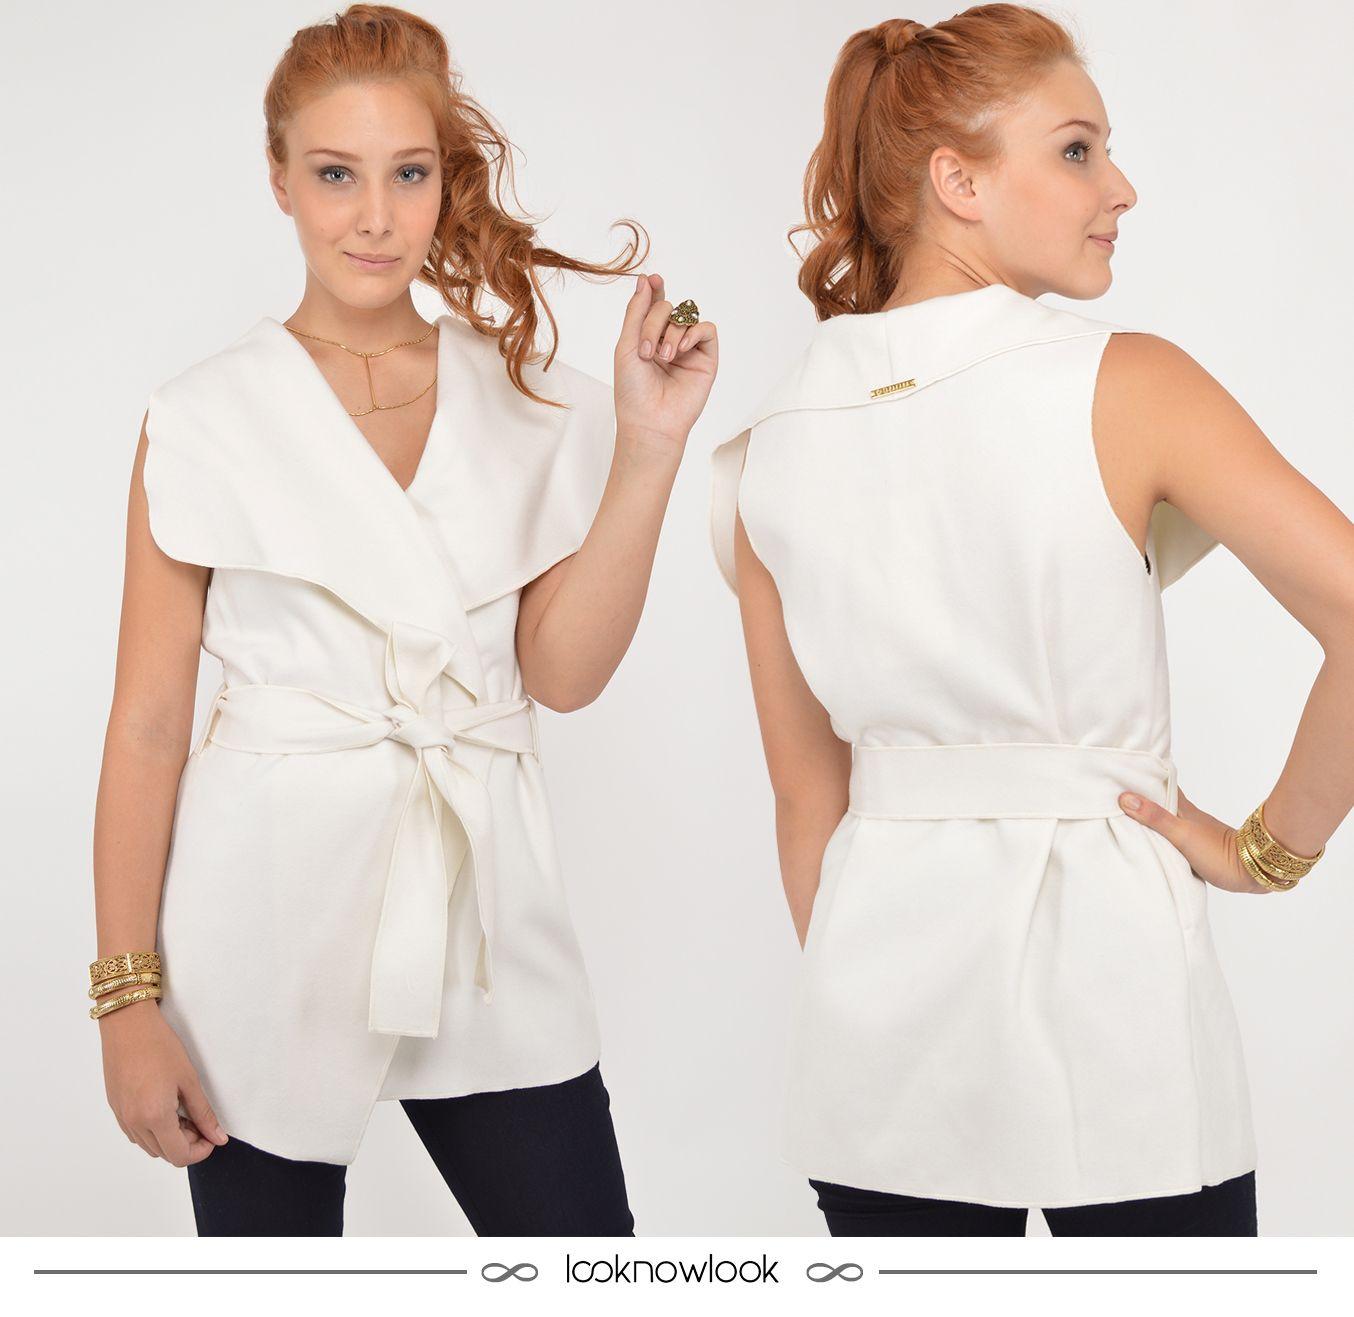 Colete com amarração na cintura. #moda #look #outfit #ootd #shop #lojaonline #ecommerce #gatabakana #novidade #tendência #estilo #colete #inverno #lnl #looknowlook